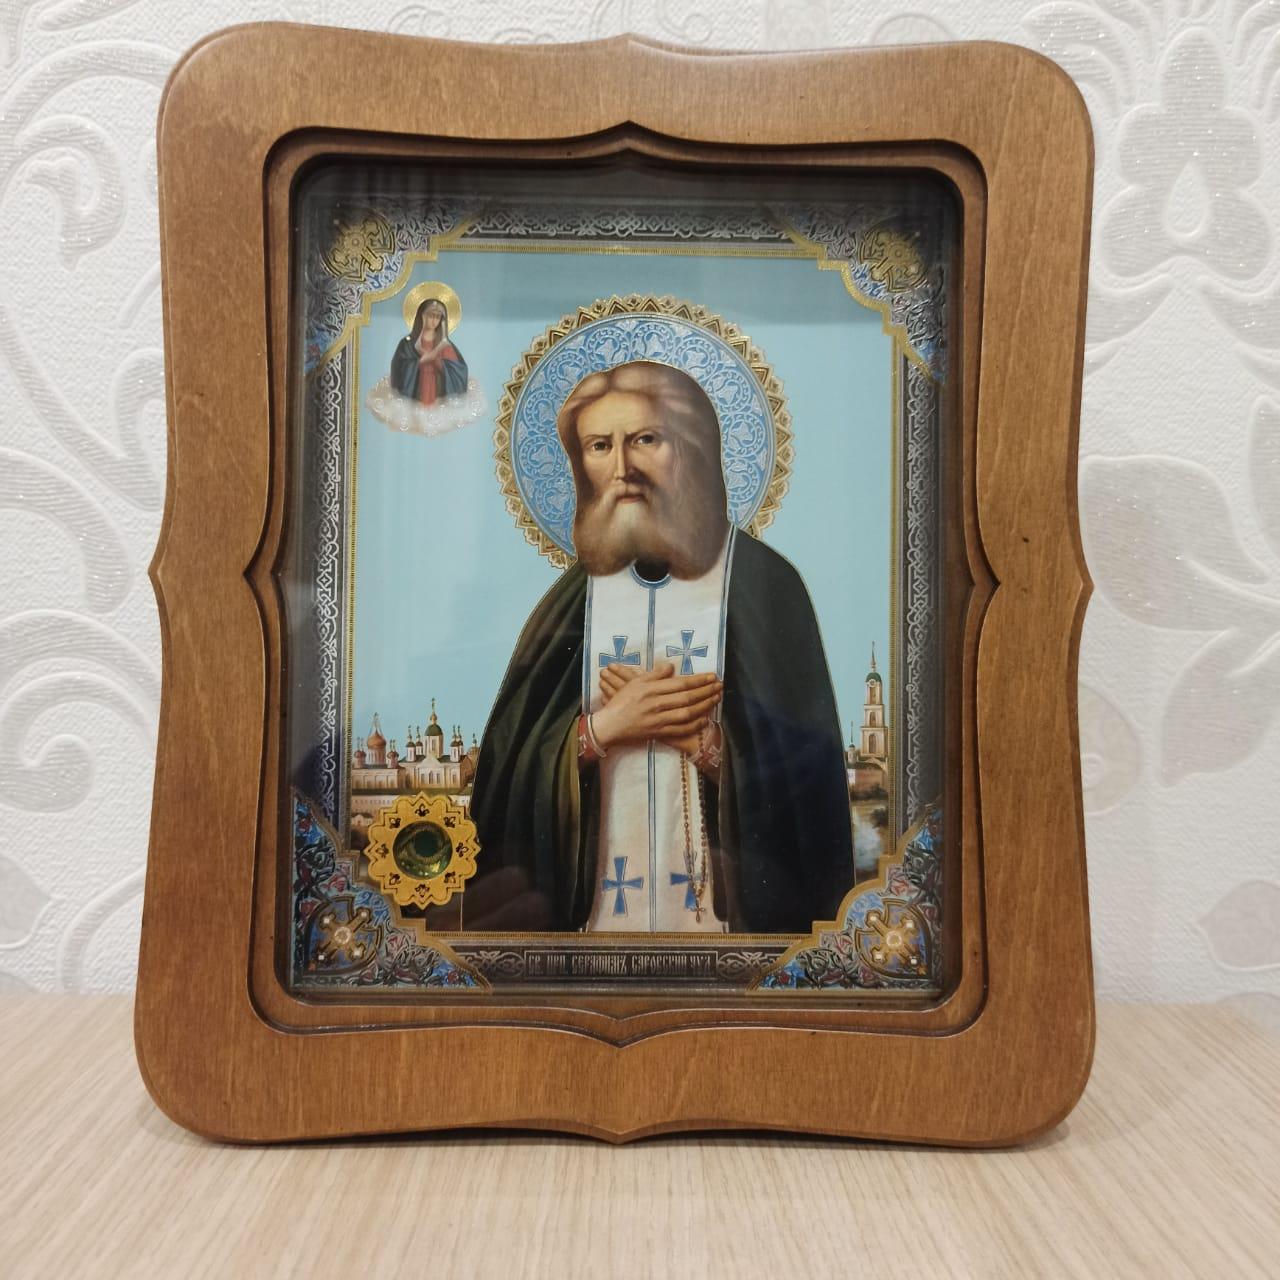 Икона прп. Серафима Саровского с частицей покровца от его мощей (22.5 на 26.5 см)